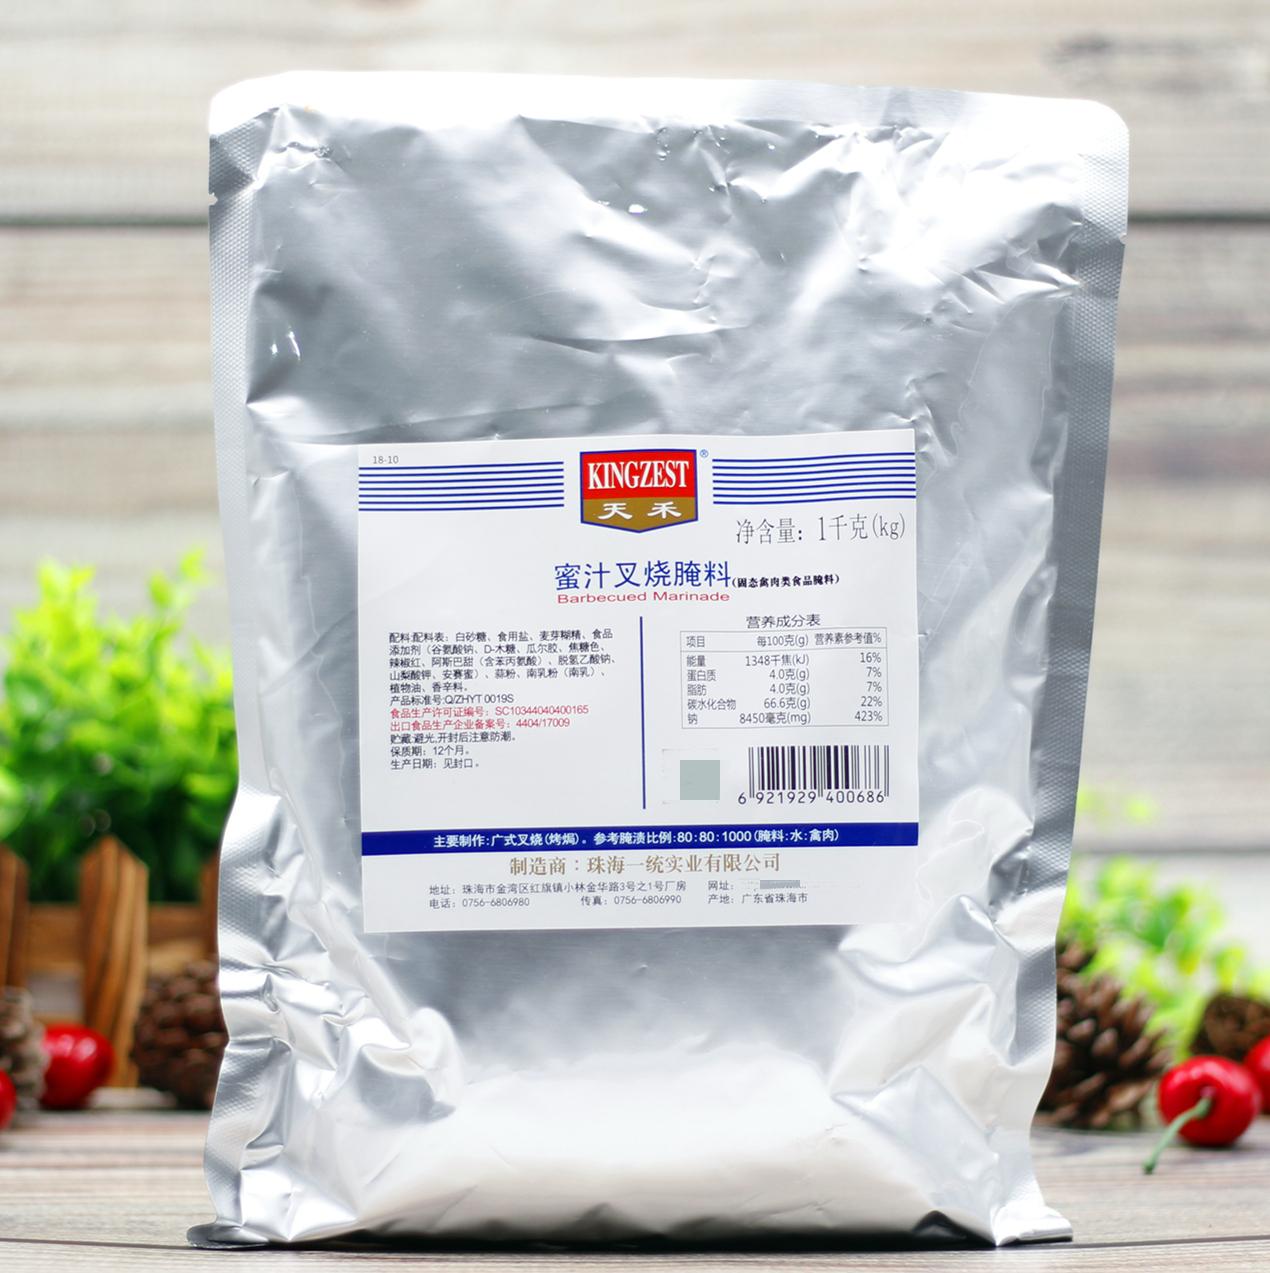 包邮天禾蜜汁叉烧1kg烤翅烧烤腌料券后25.00元